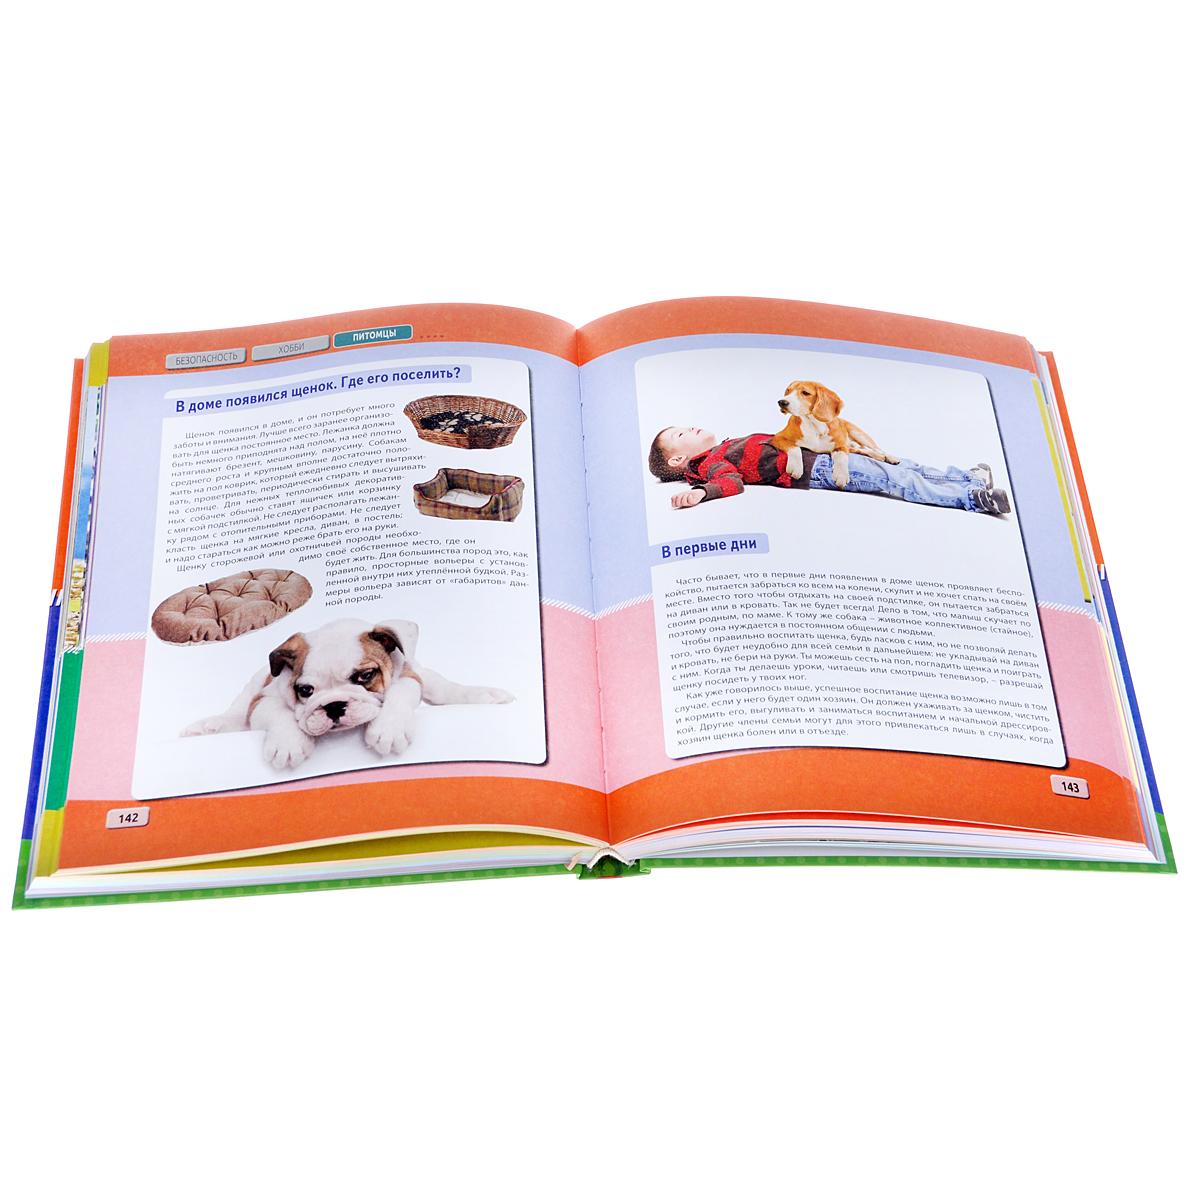 Т. Беленькая. Иллюстрированная энциклопедия только для мальчиков